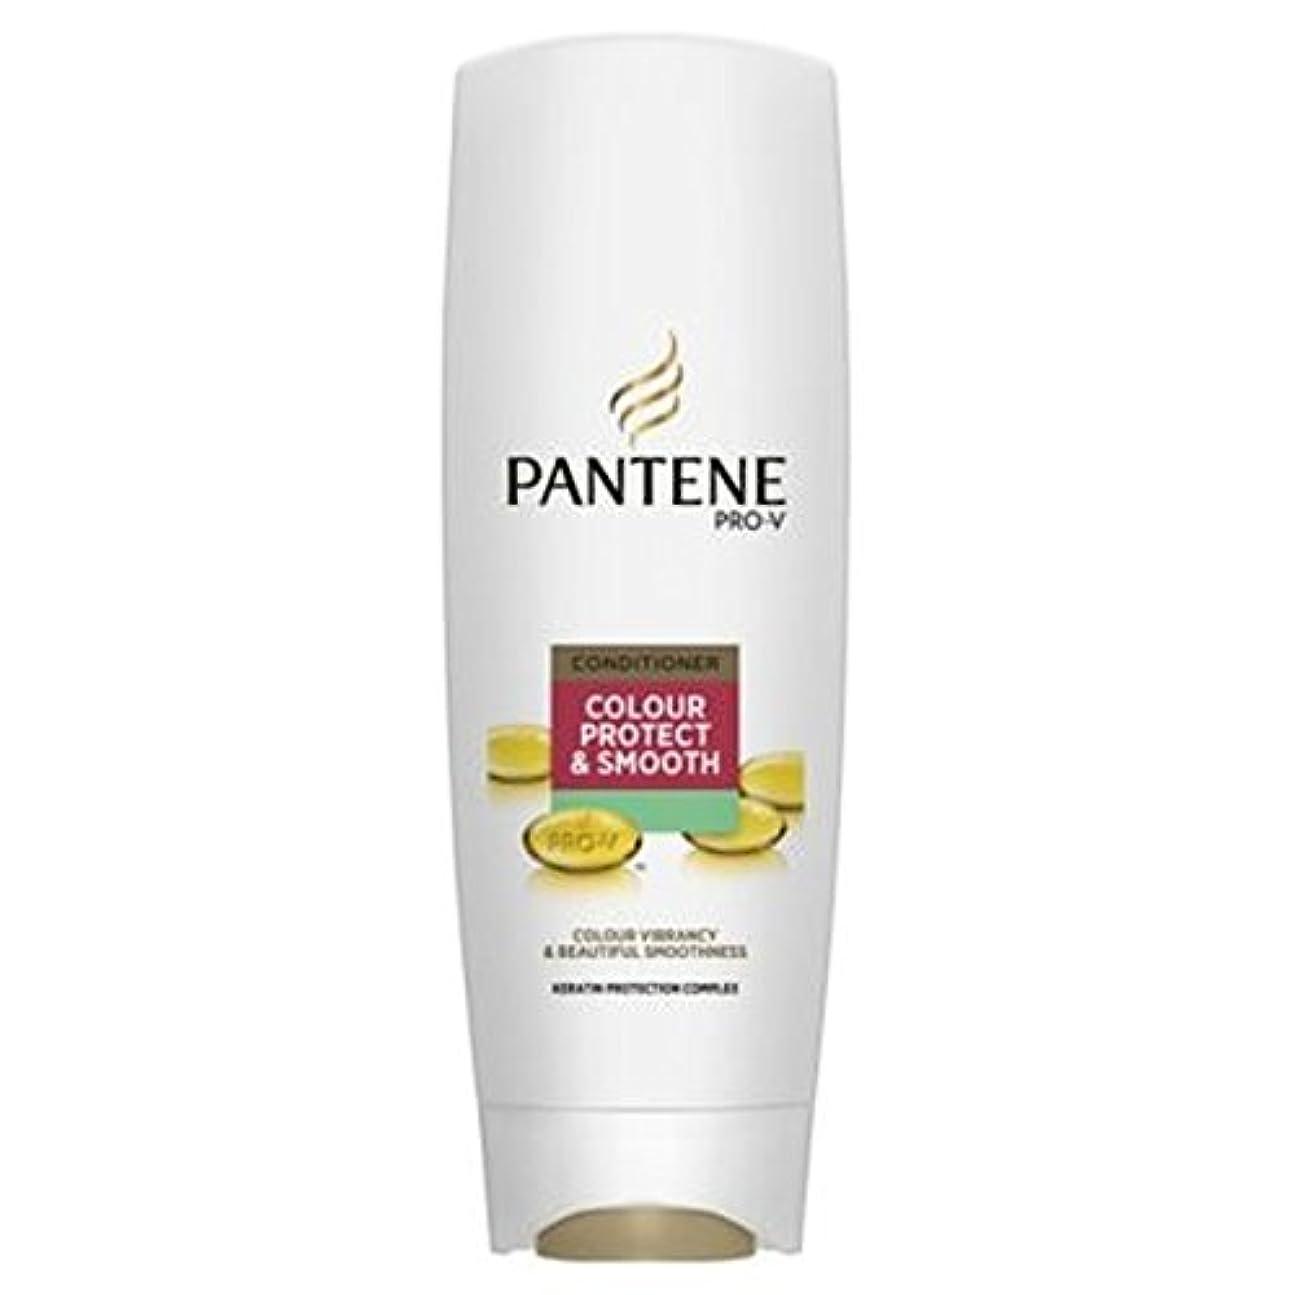 するだろうホイップ容赦ないパンテーンプロVの色保護&スムーズコンディショナー360ミリリットル (Pantene) (x2) - Pantene Pro-V Colour Protect & Smooth Conditioner 360ml (Pack of 2) [並行輸入品]